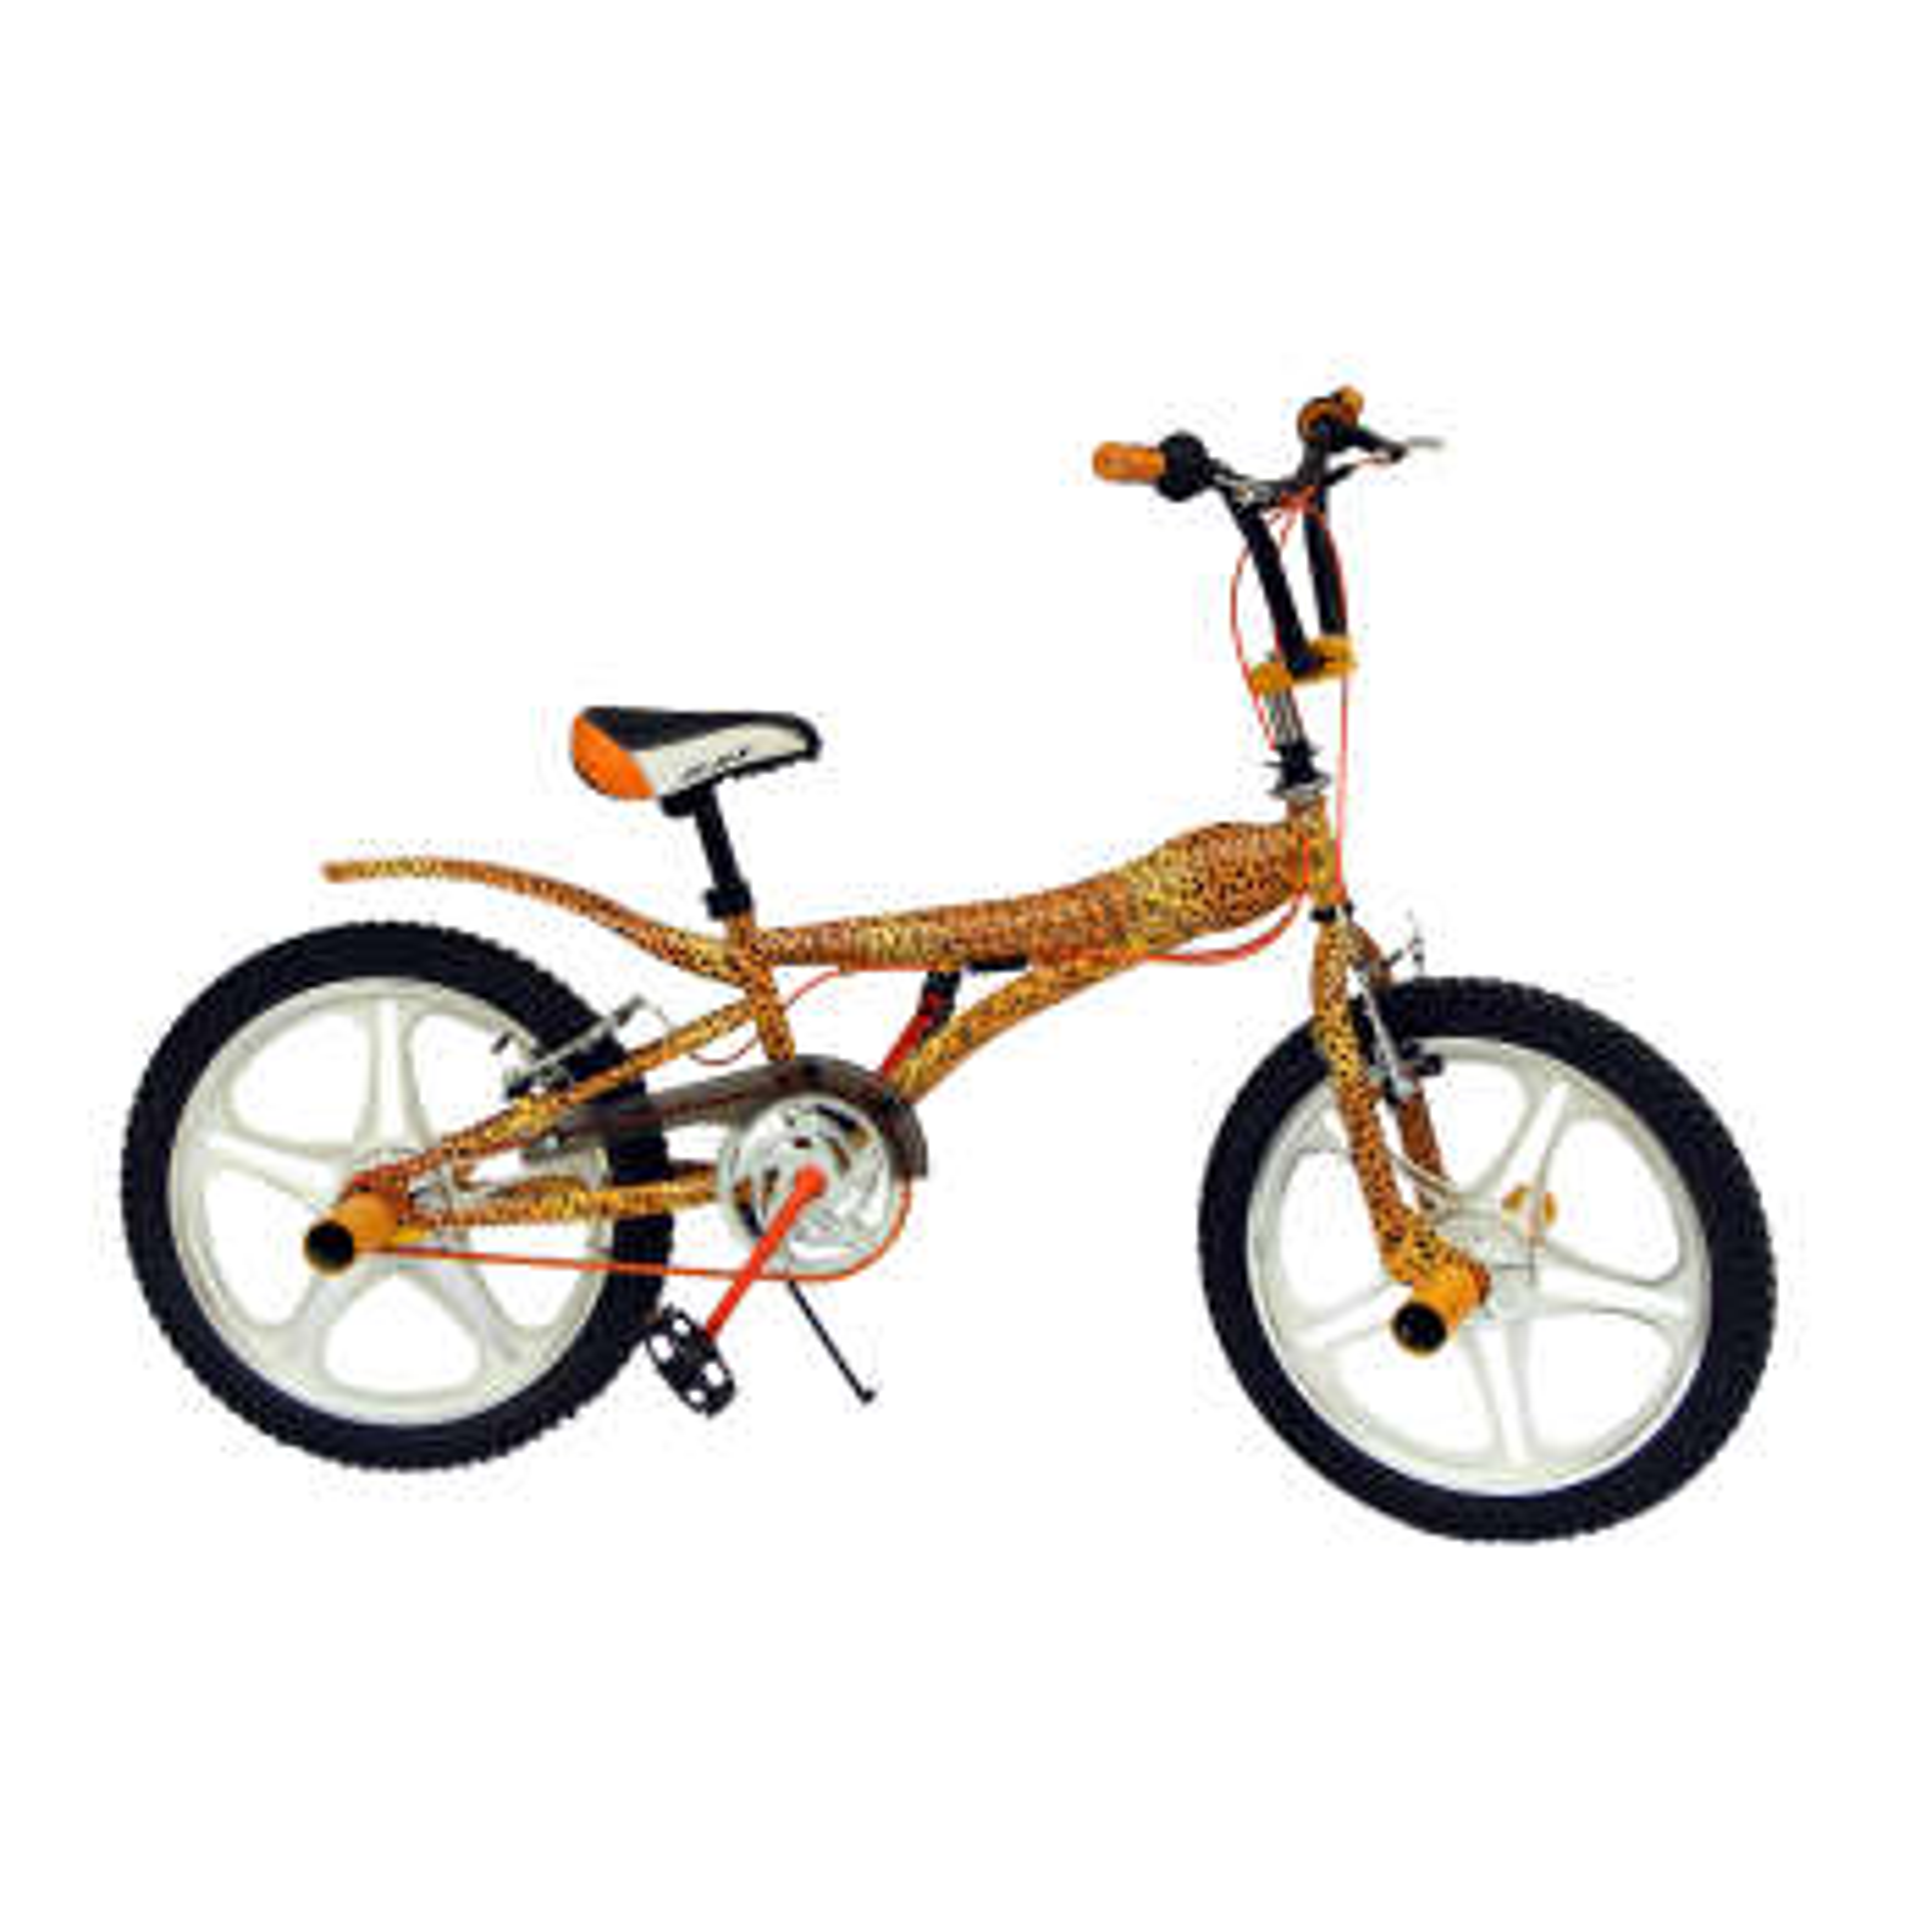 دوچرخه بی ام ایکس مدل پلنگی 0055S سایز 20